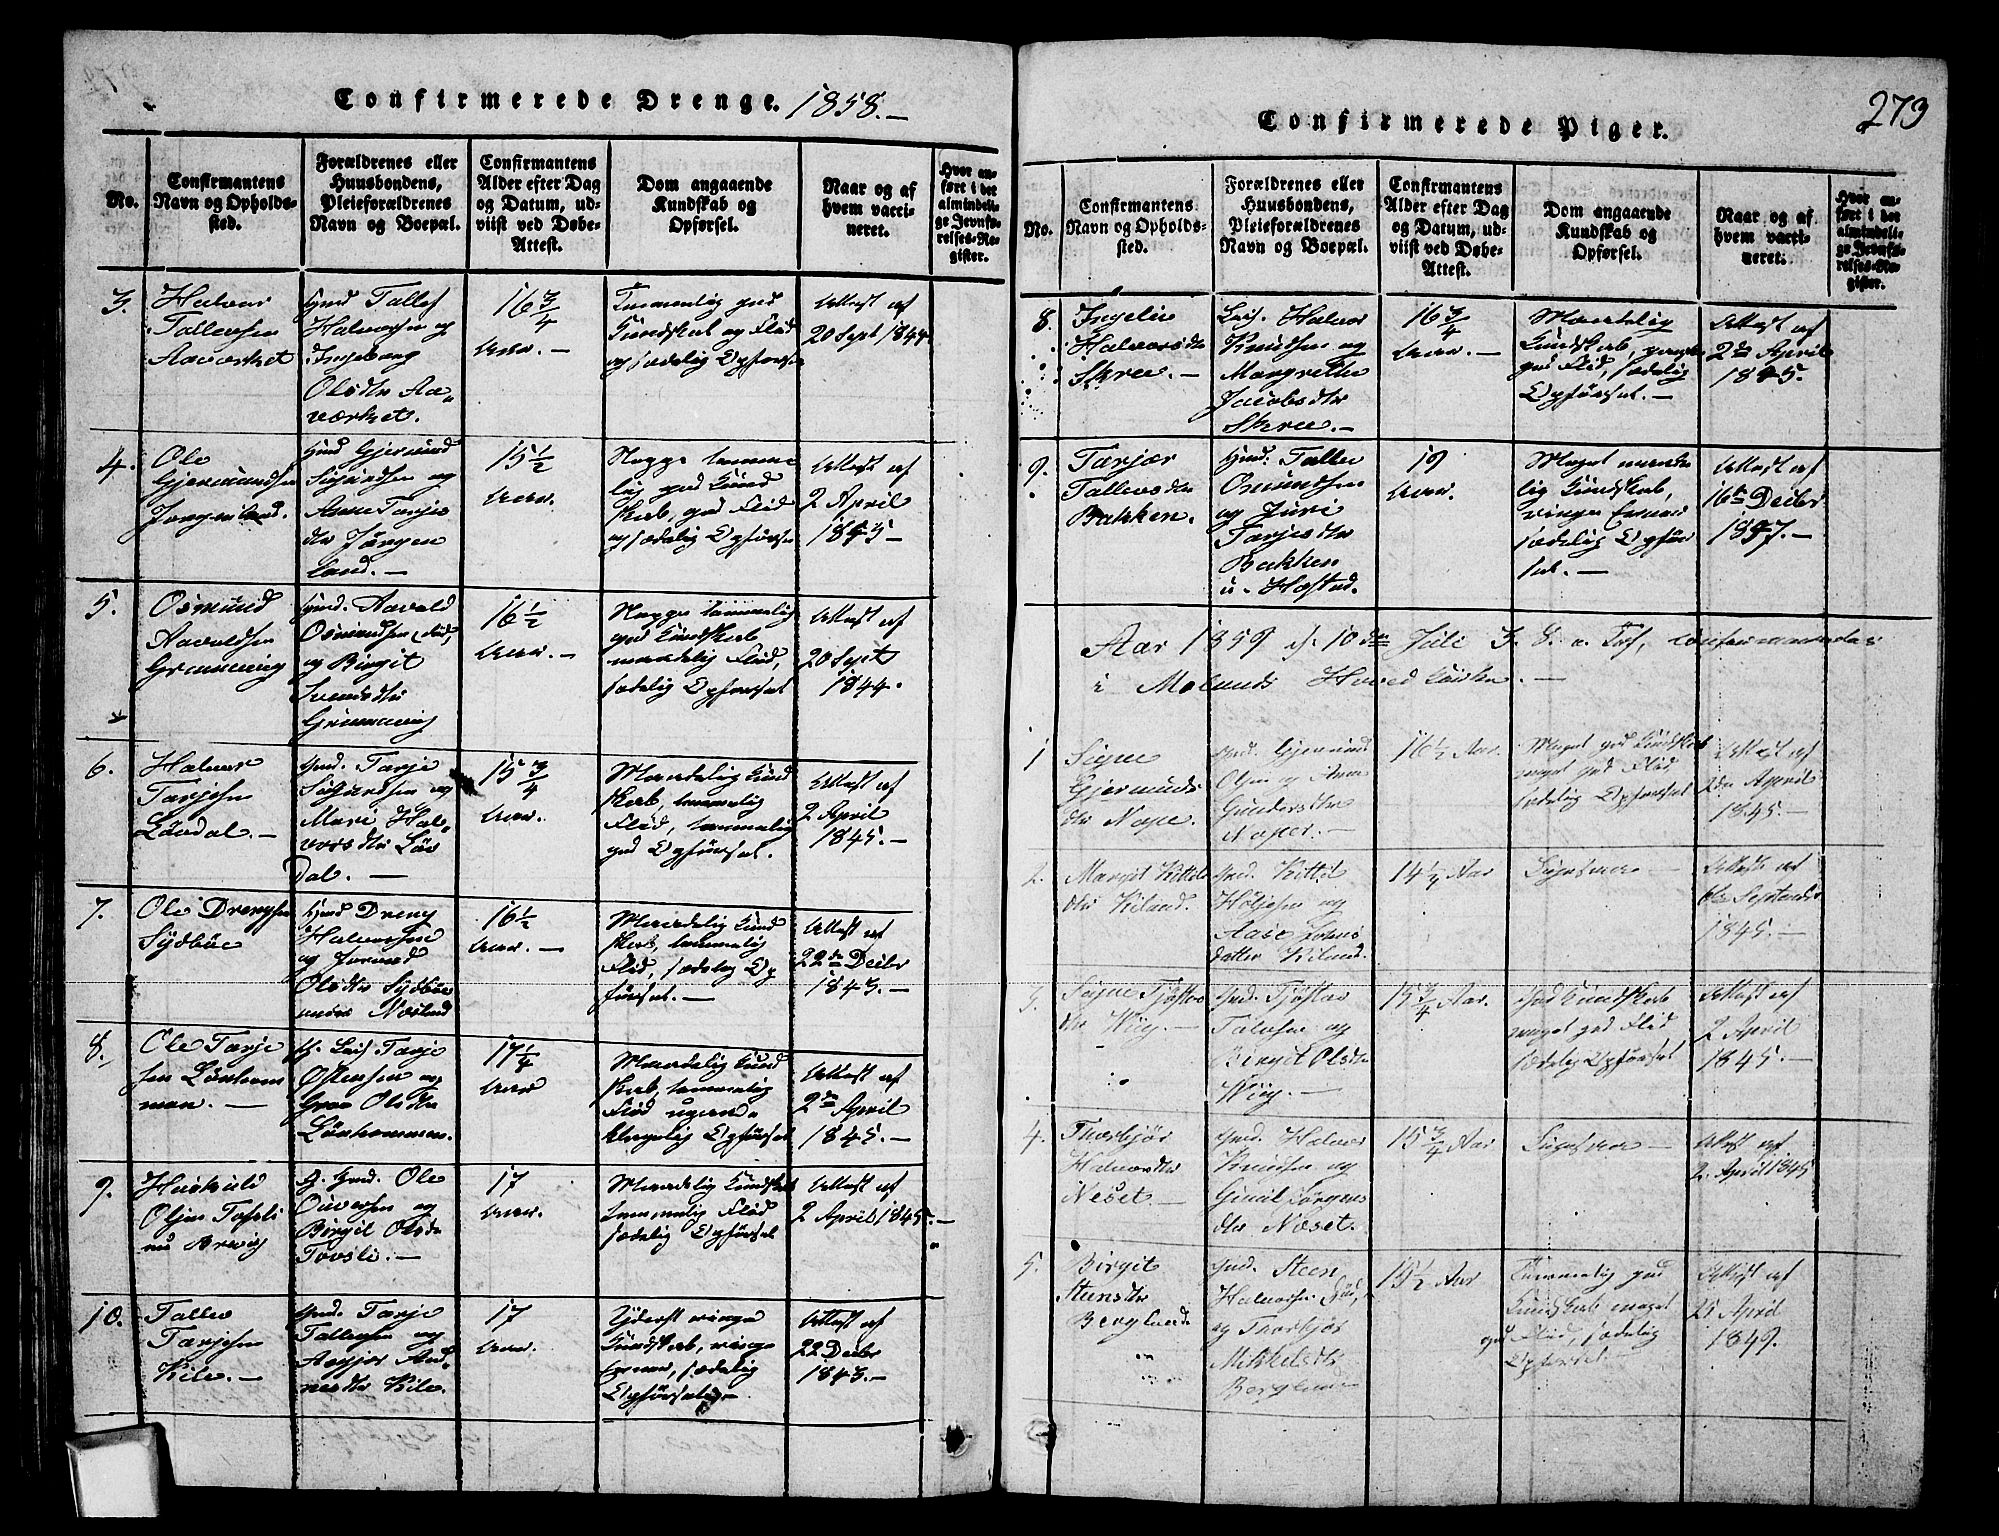 SAKO, Fyresdal kirkebøker, G/Ga/L0003: Klokkerbok nr. I 3, 1815-1863, s. 273